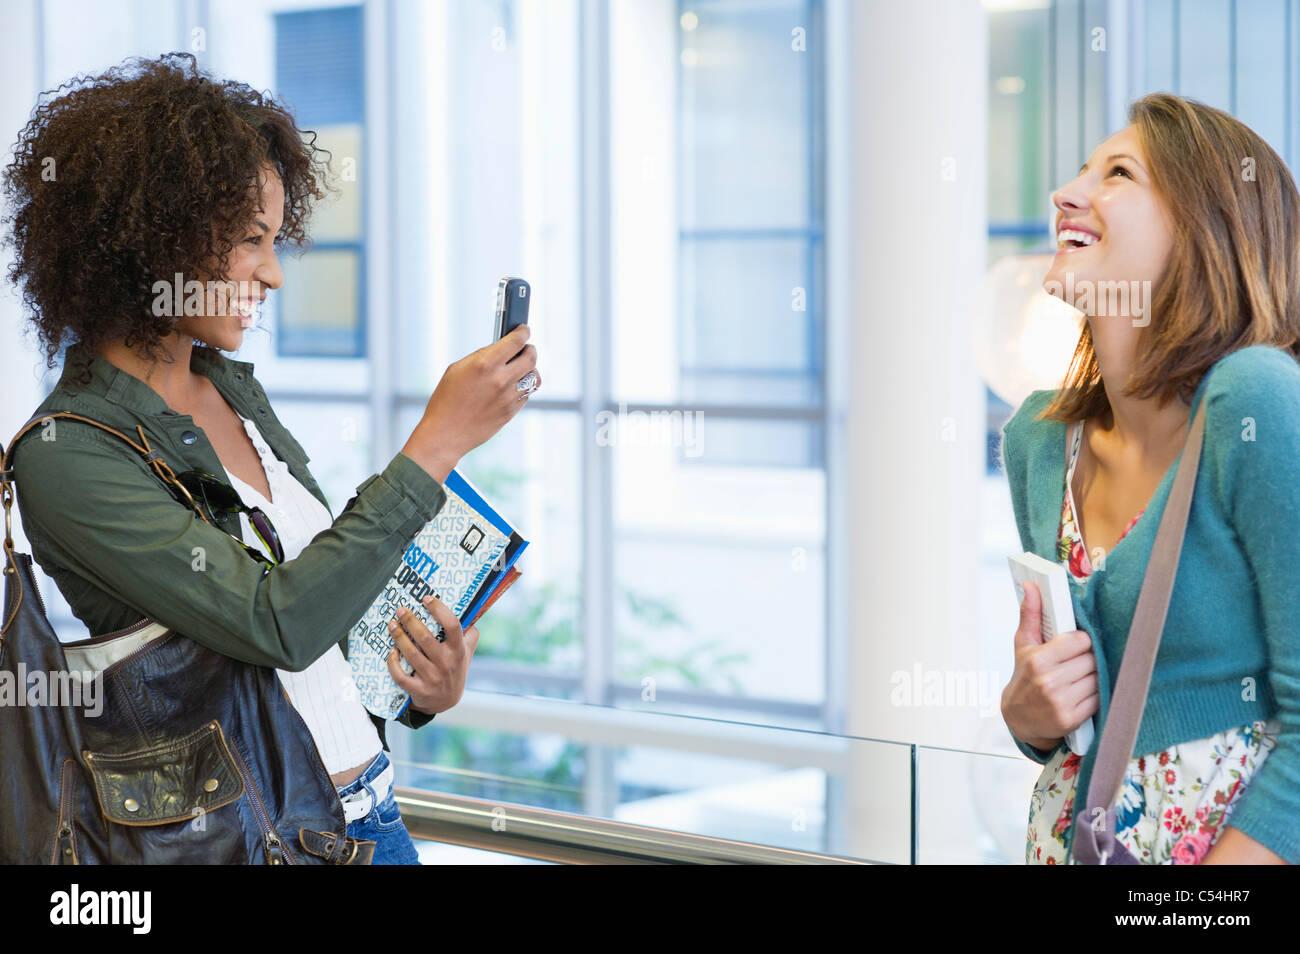 African American donna prendendo le foto del suo amico caucasica Immagini Stock